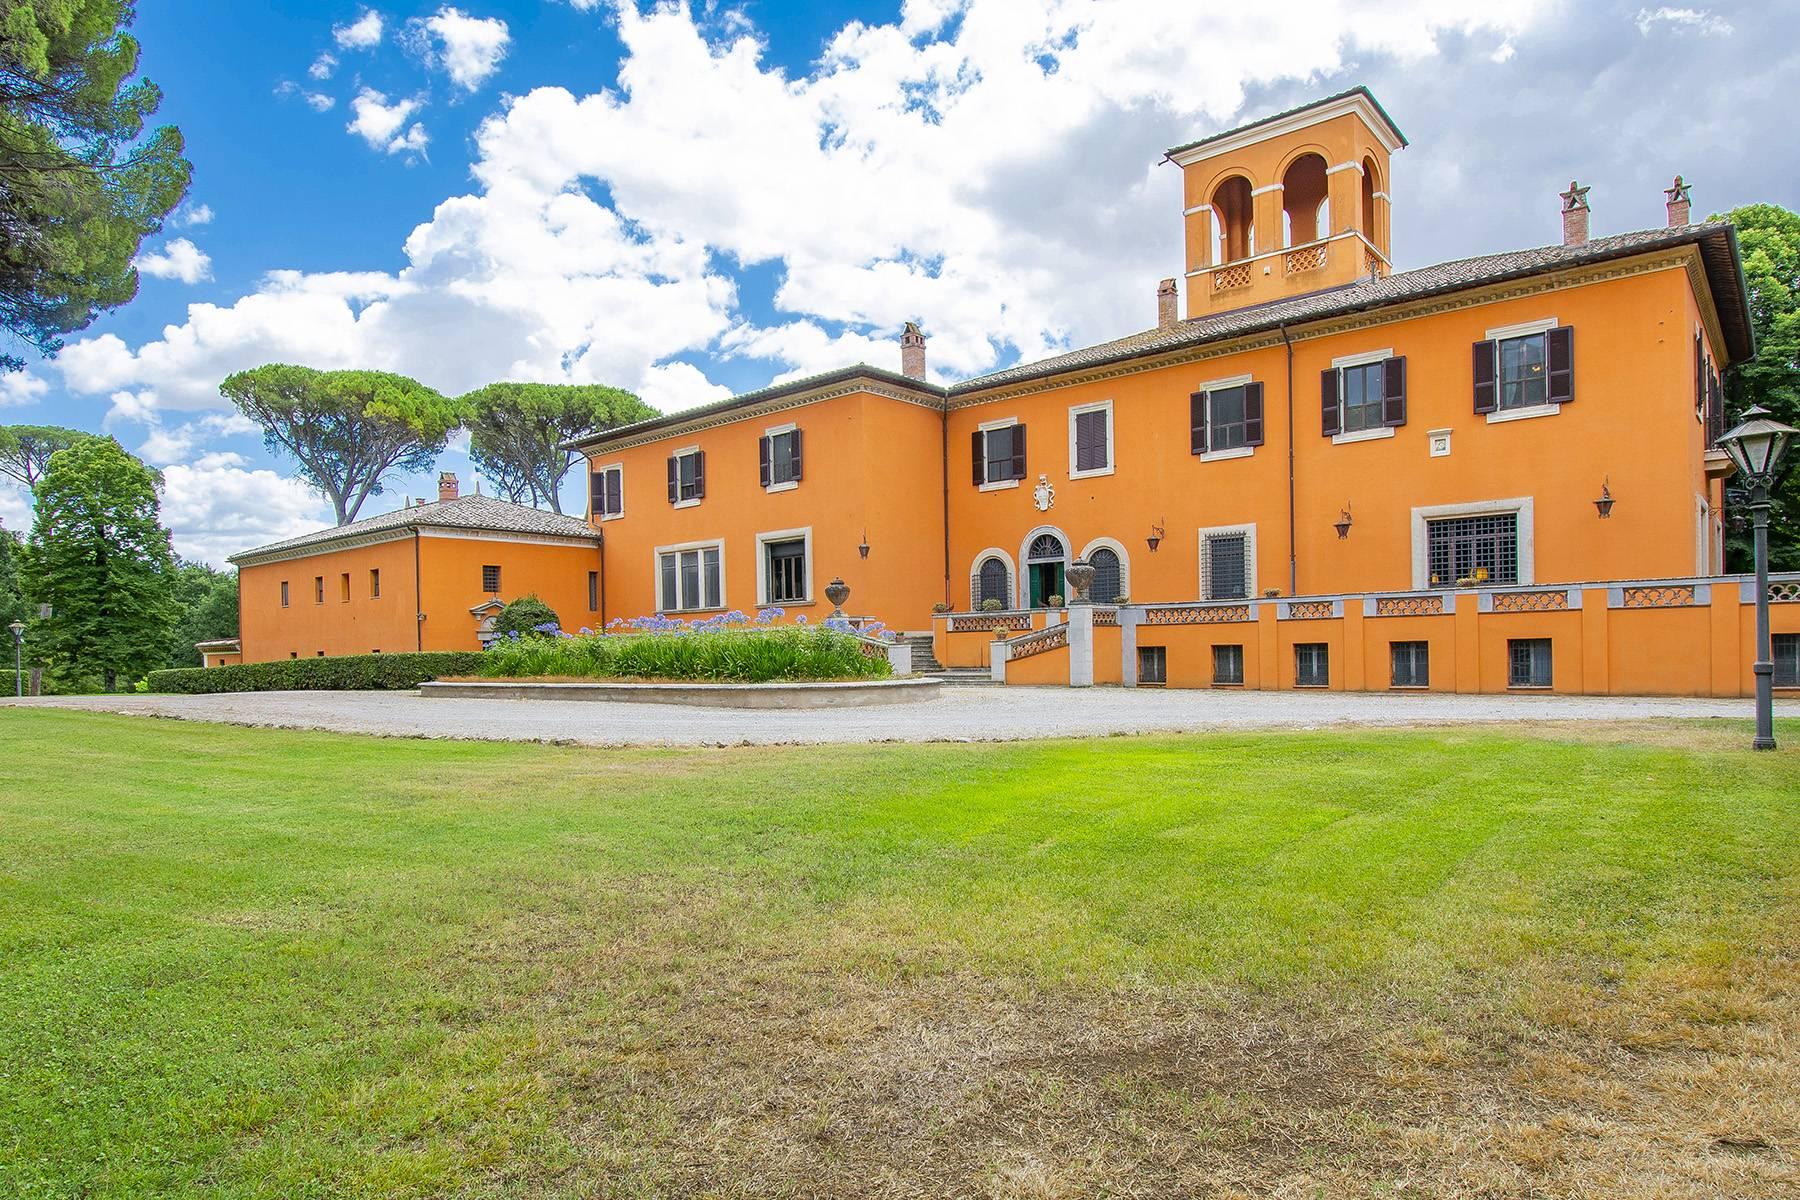 Villa in Vendita a Perugia strada castel del piano bagnaia